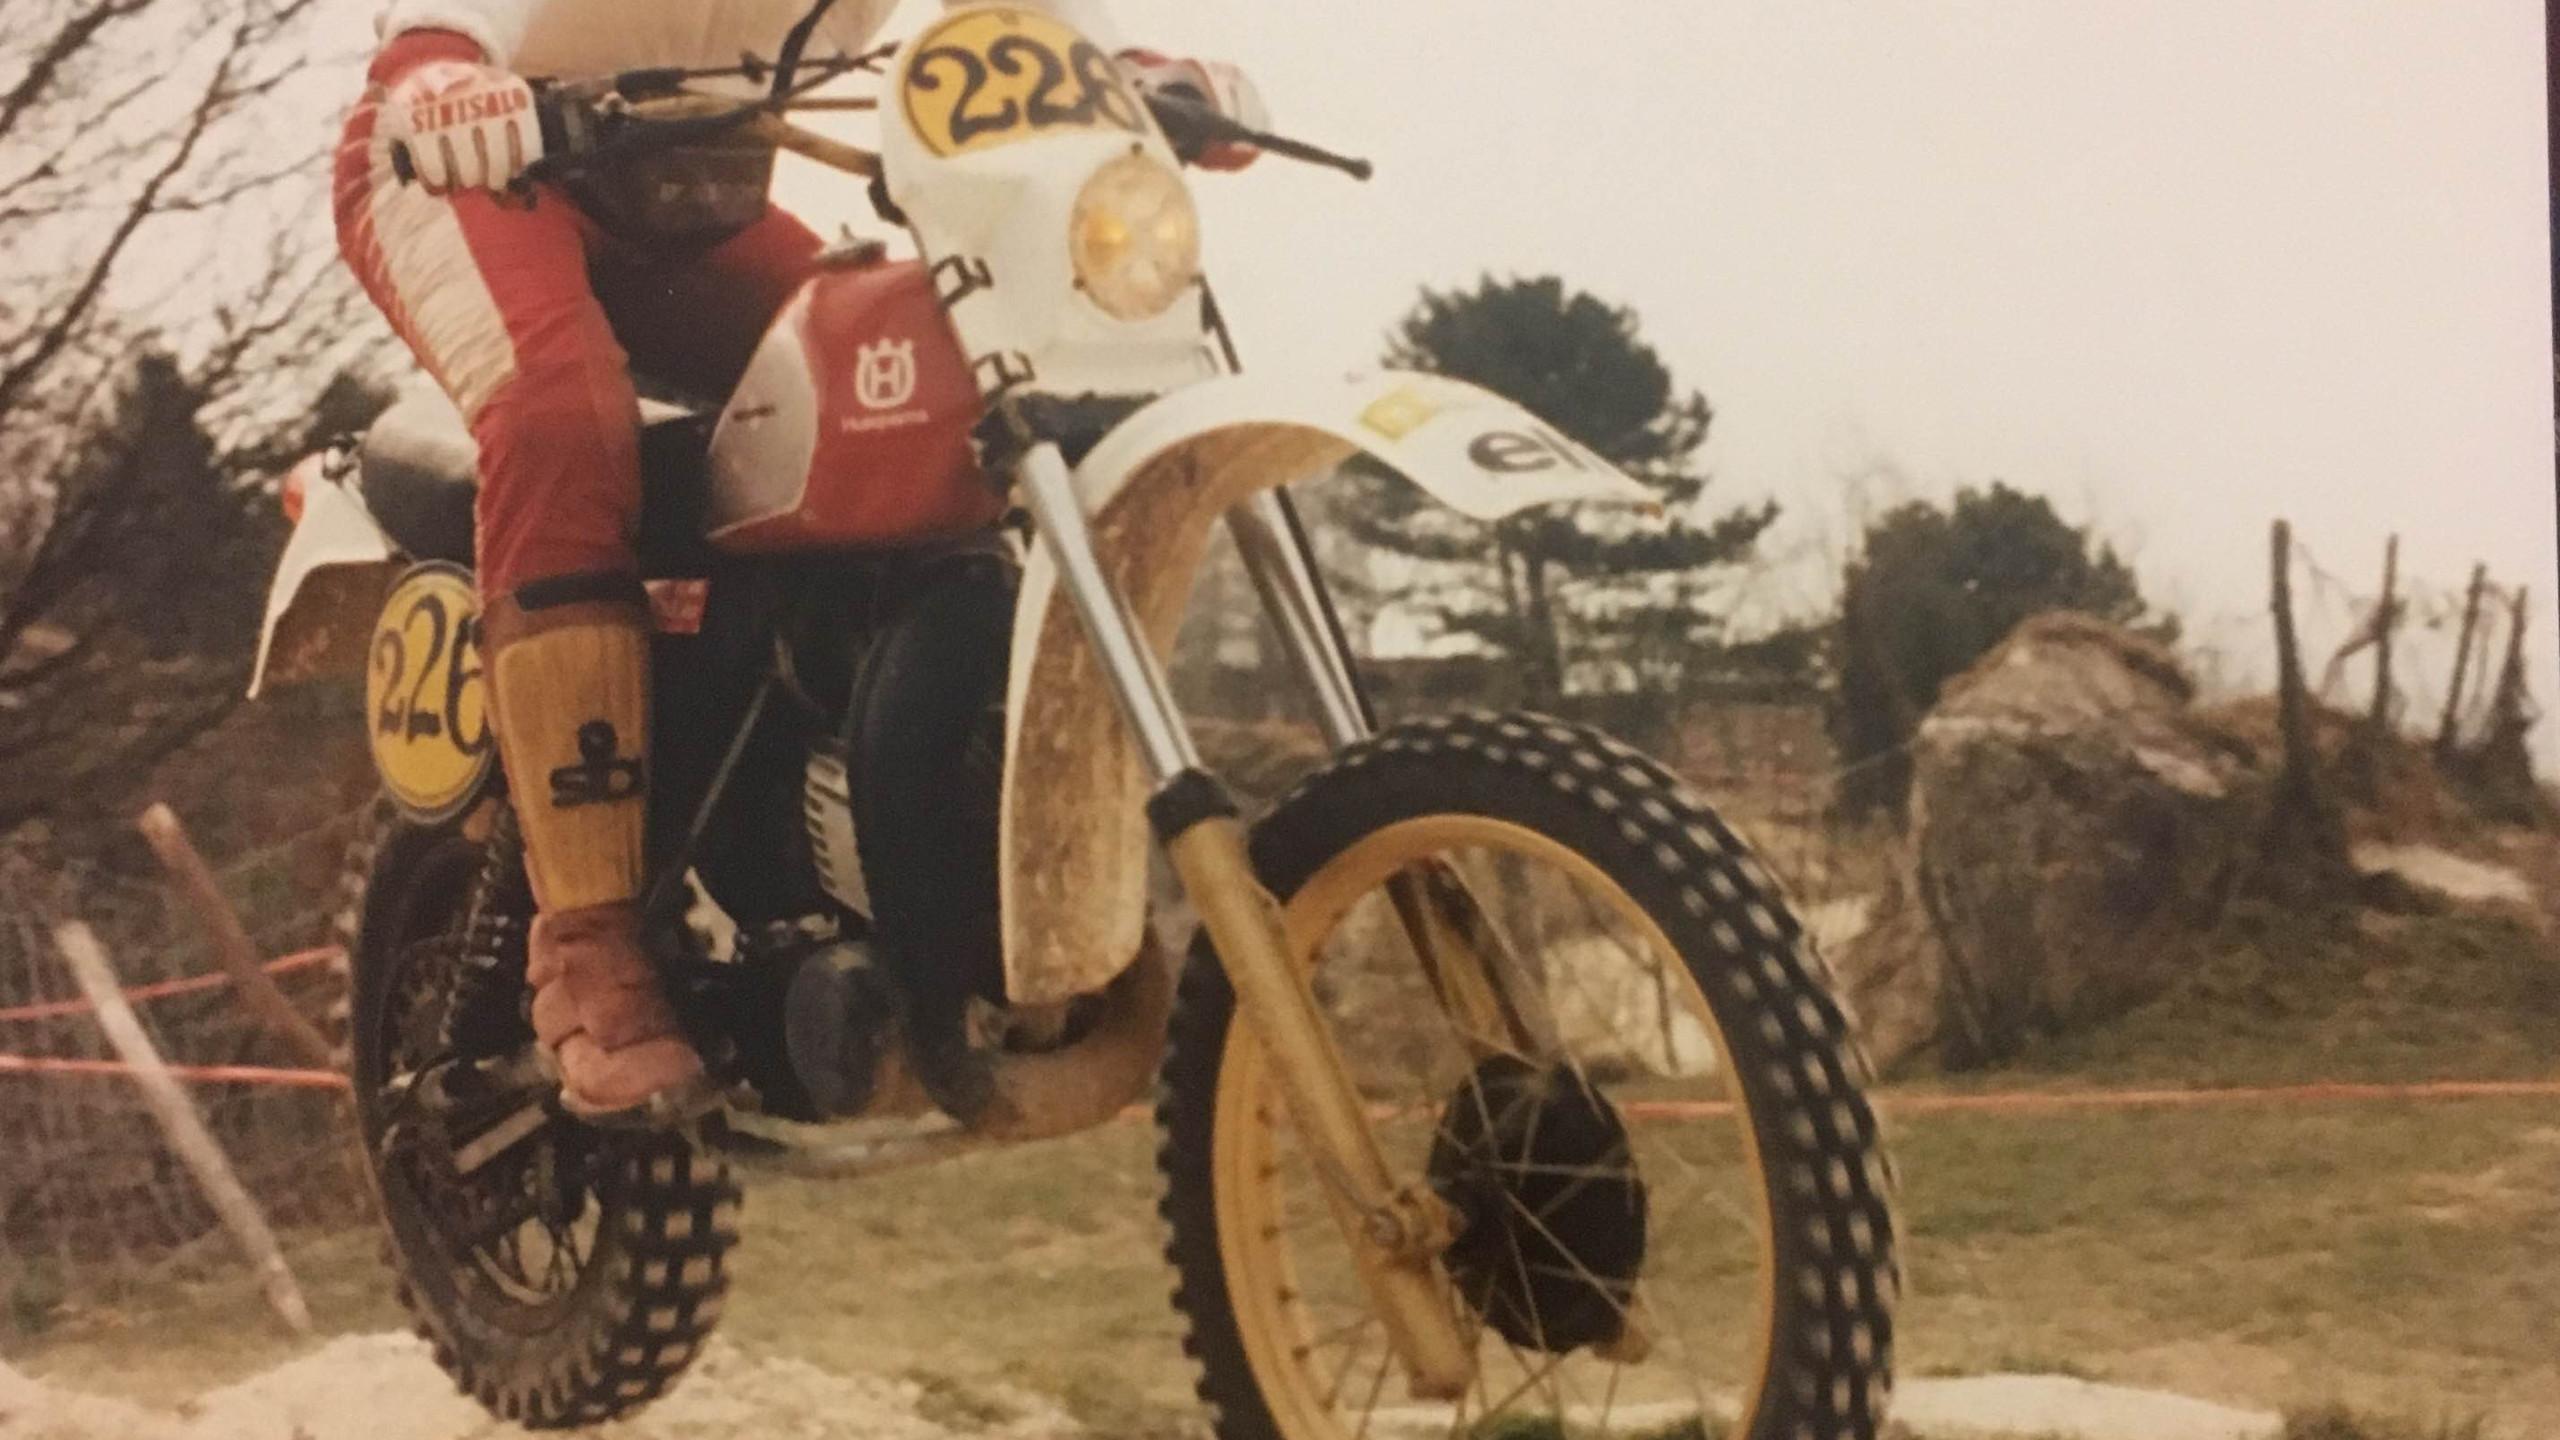 Husqvarna 250 1981 (2)